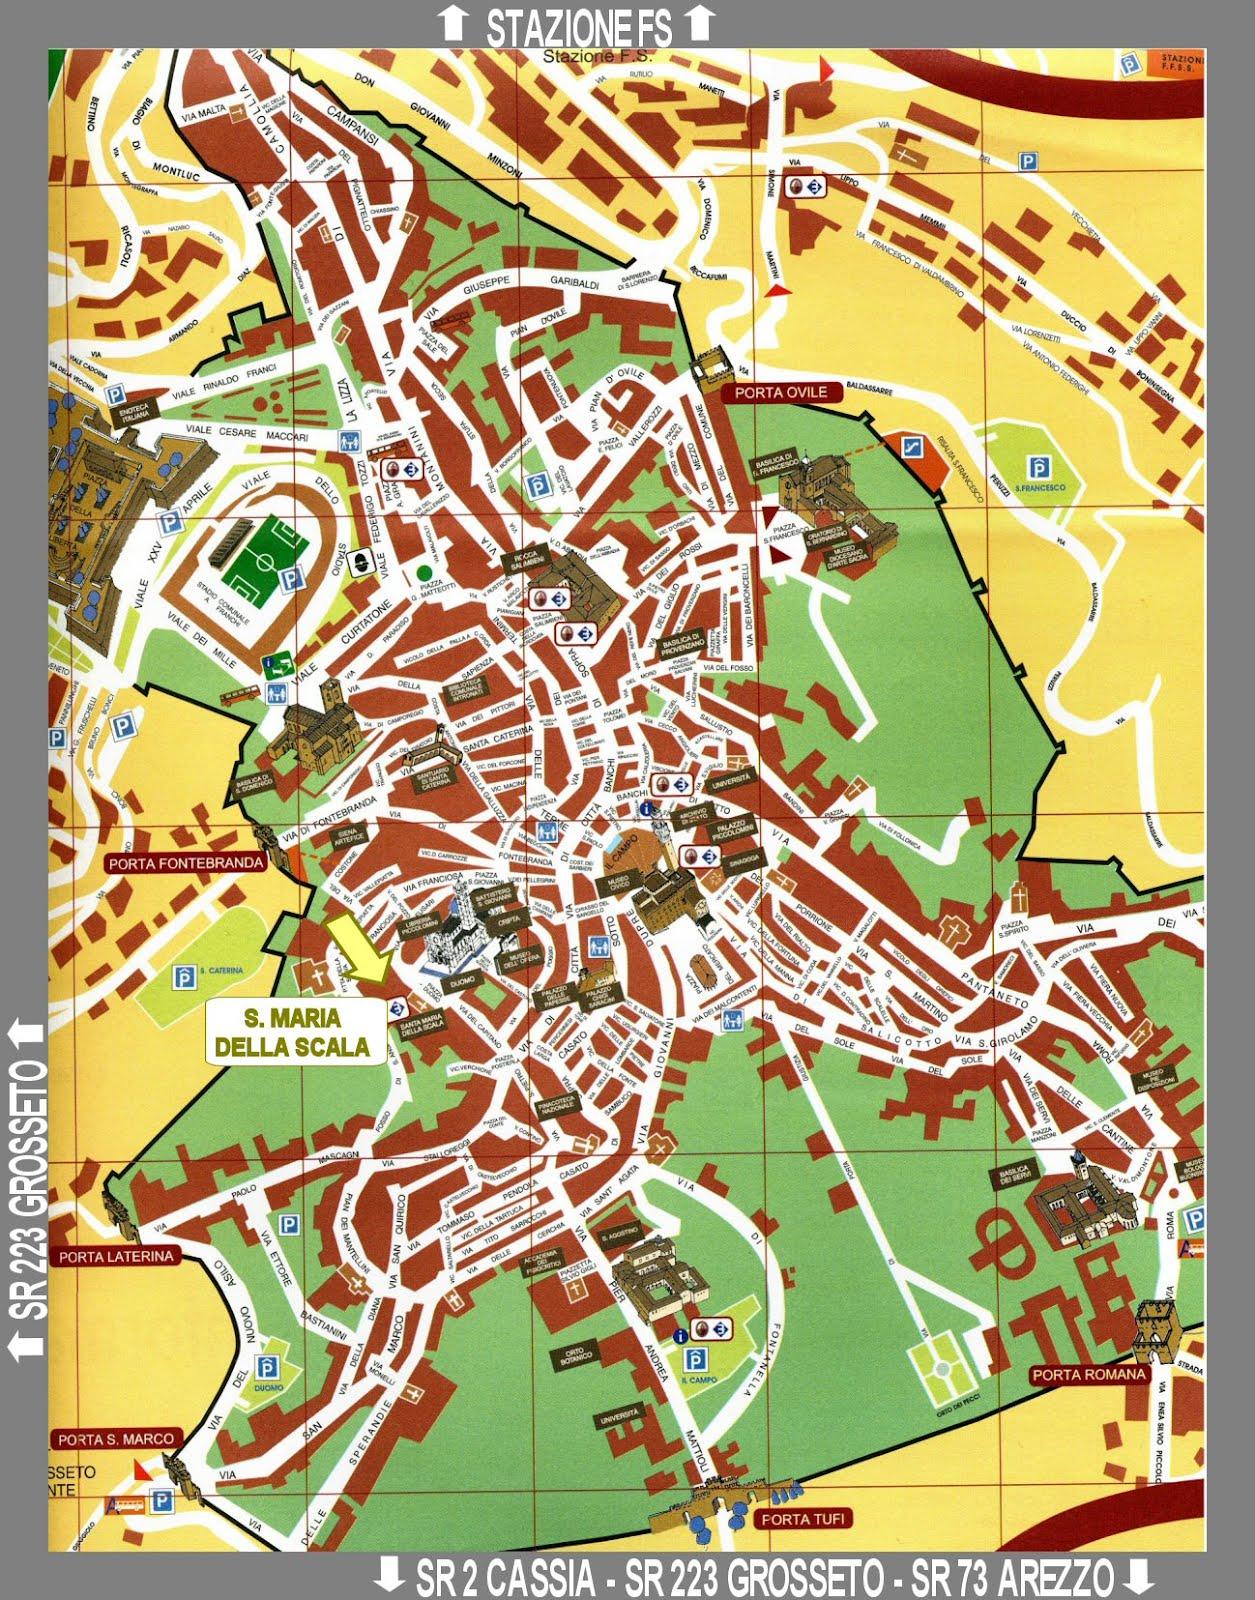 google maps milan with Mapas De Siena Italia on 82450162 additionally Mapas De Siena Italia additionally 50414531 likewise Shakira Y Pique Quieren Mudarse De Casoplon 16913 in addition Oakland Hall.